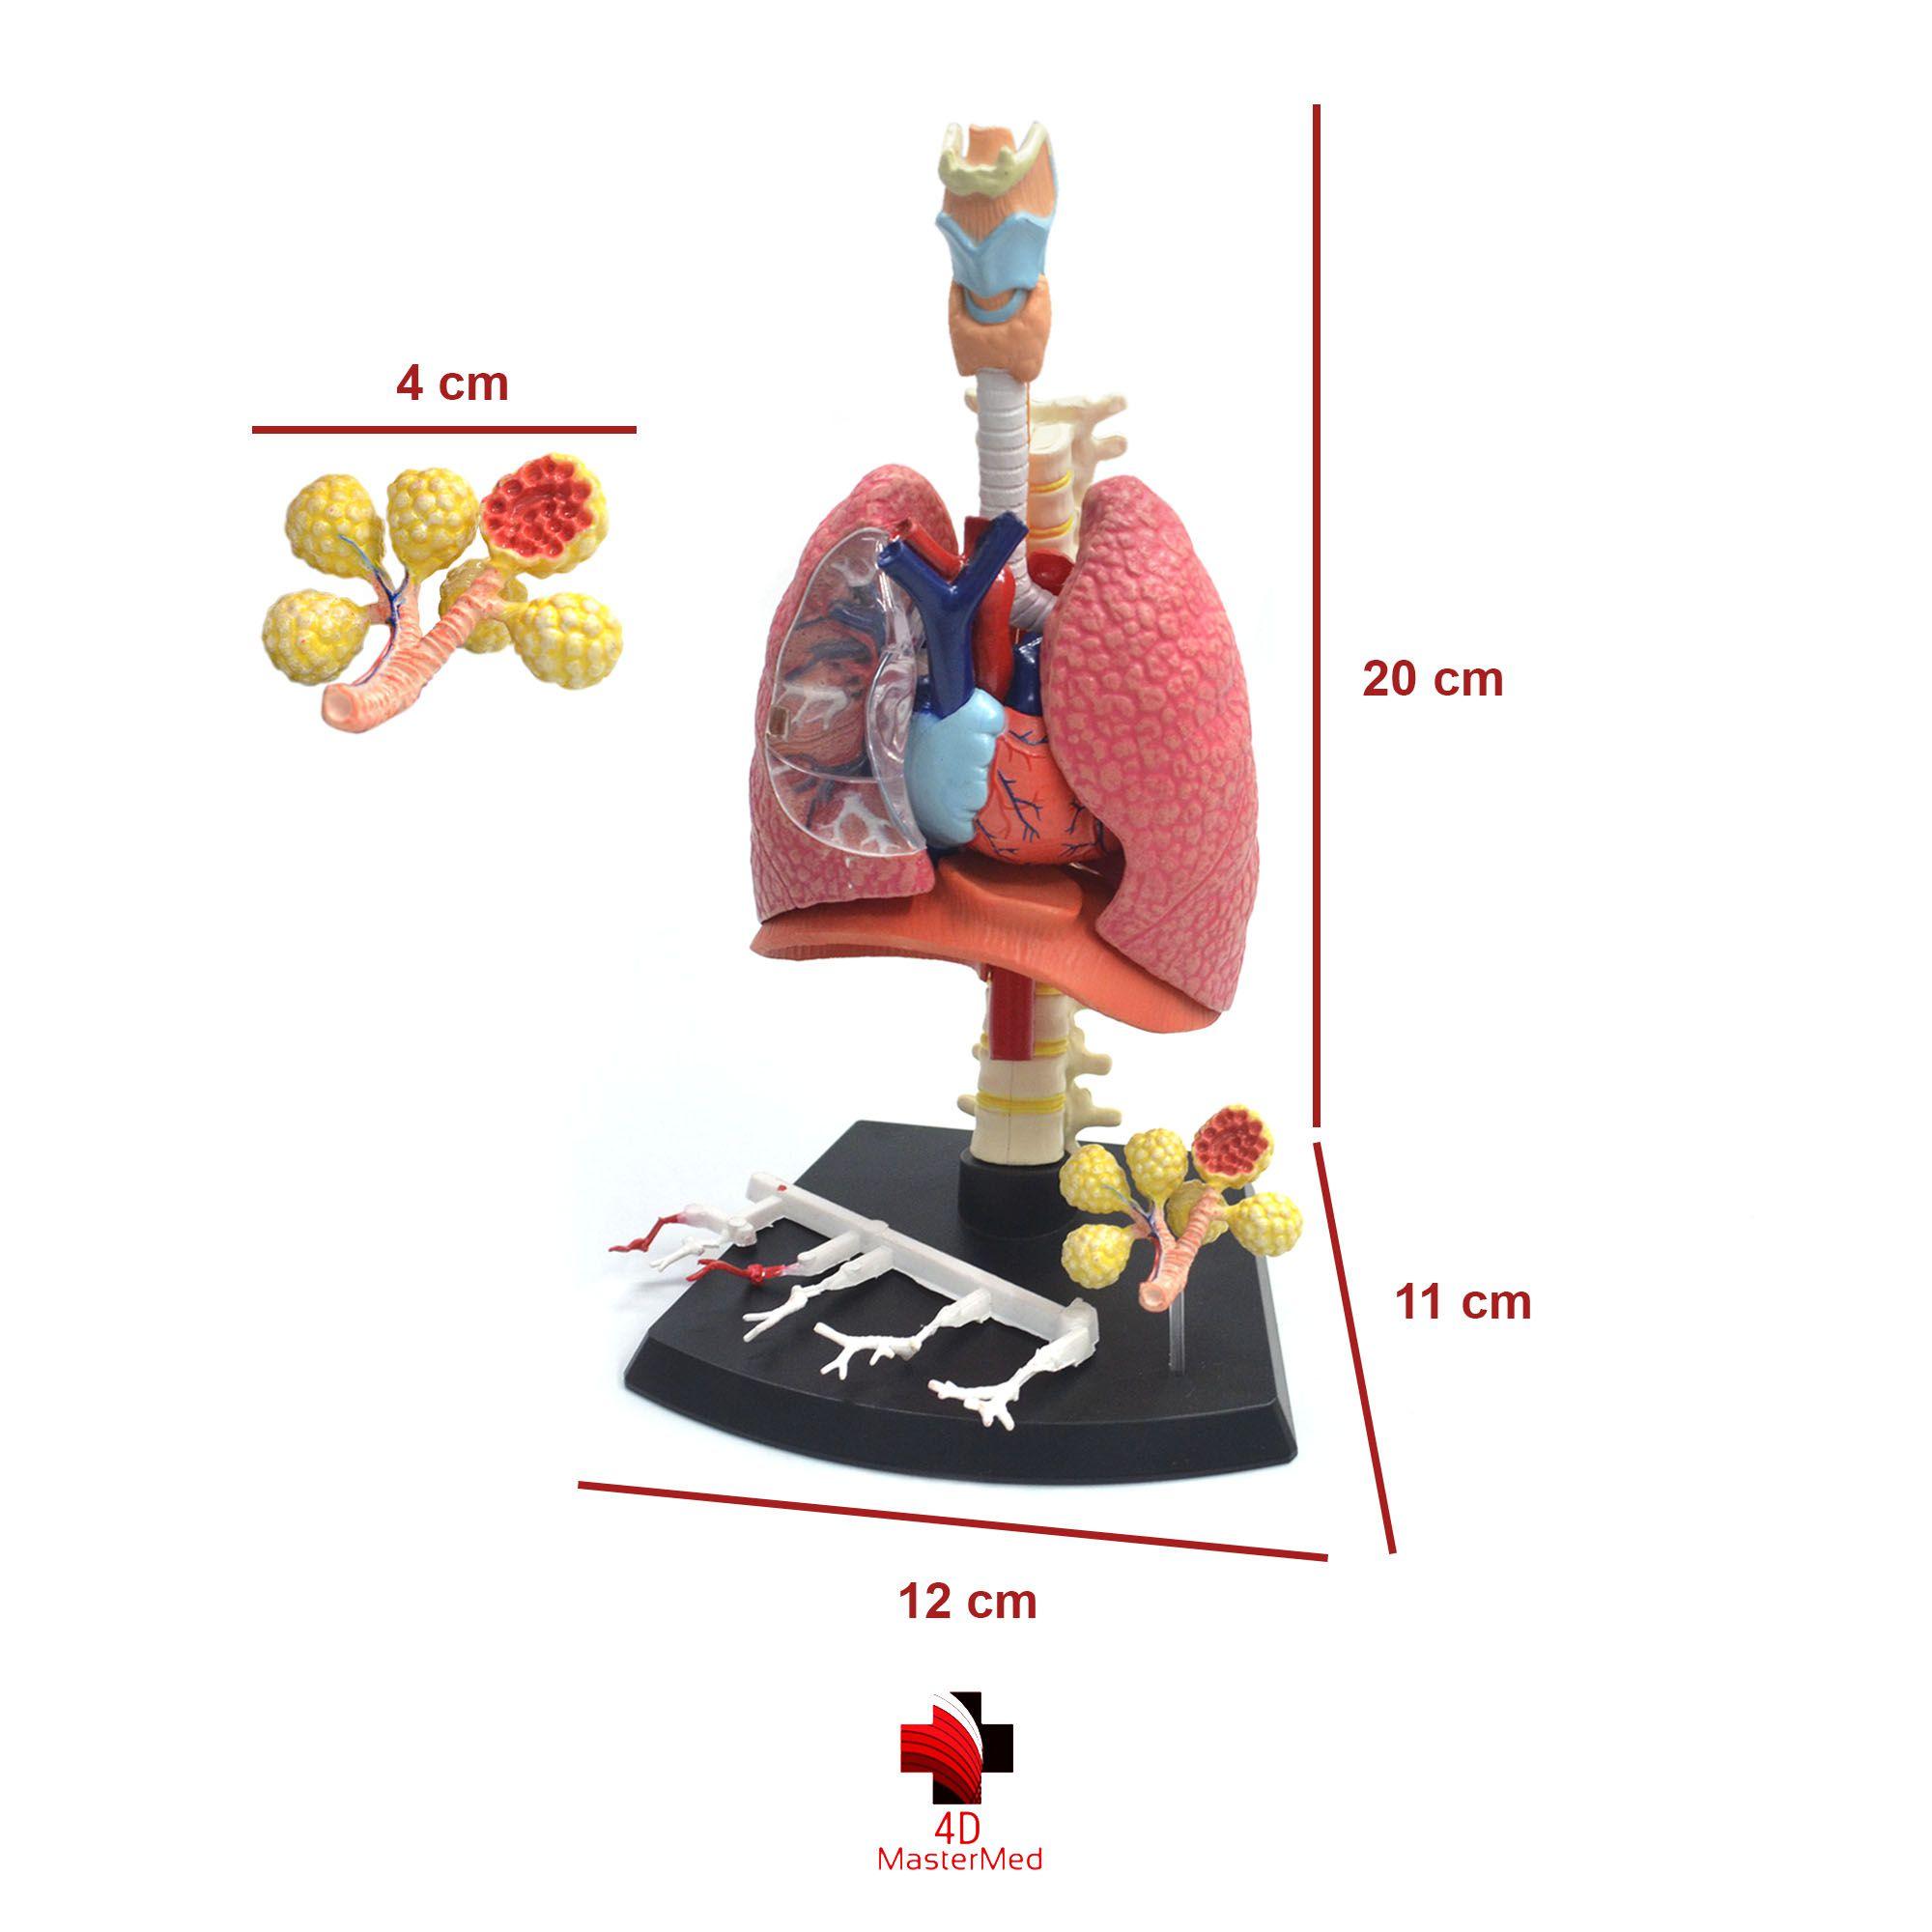 Kit Anatomia Humana - Rim, Órgão Reprodutor Feminino e Sistema Respiratório